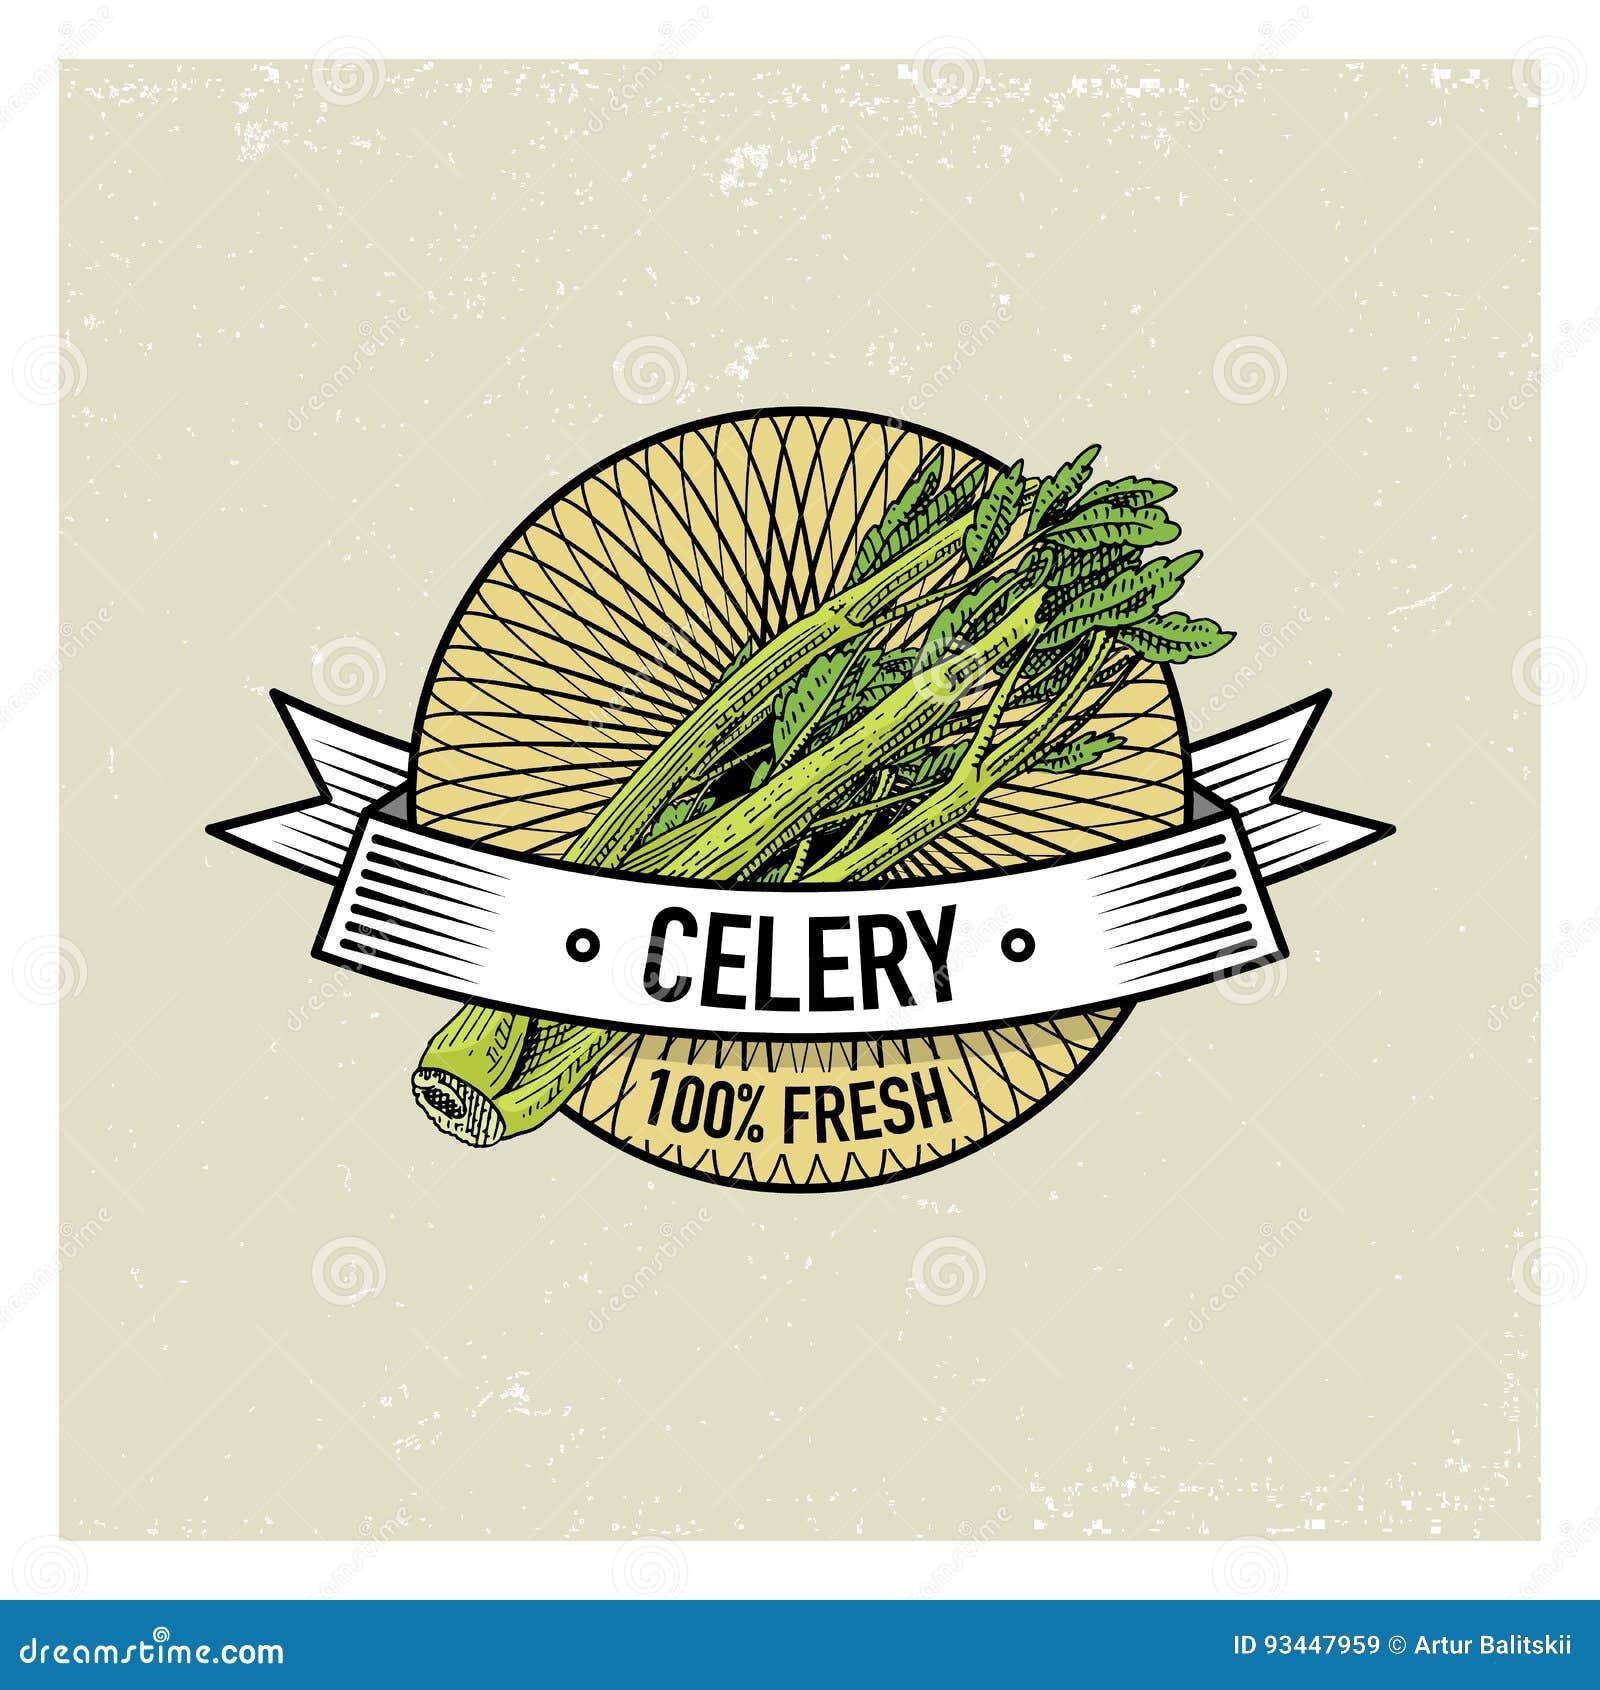 celery vintage set of labels, emblems or logo for vegeterian food